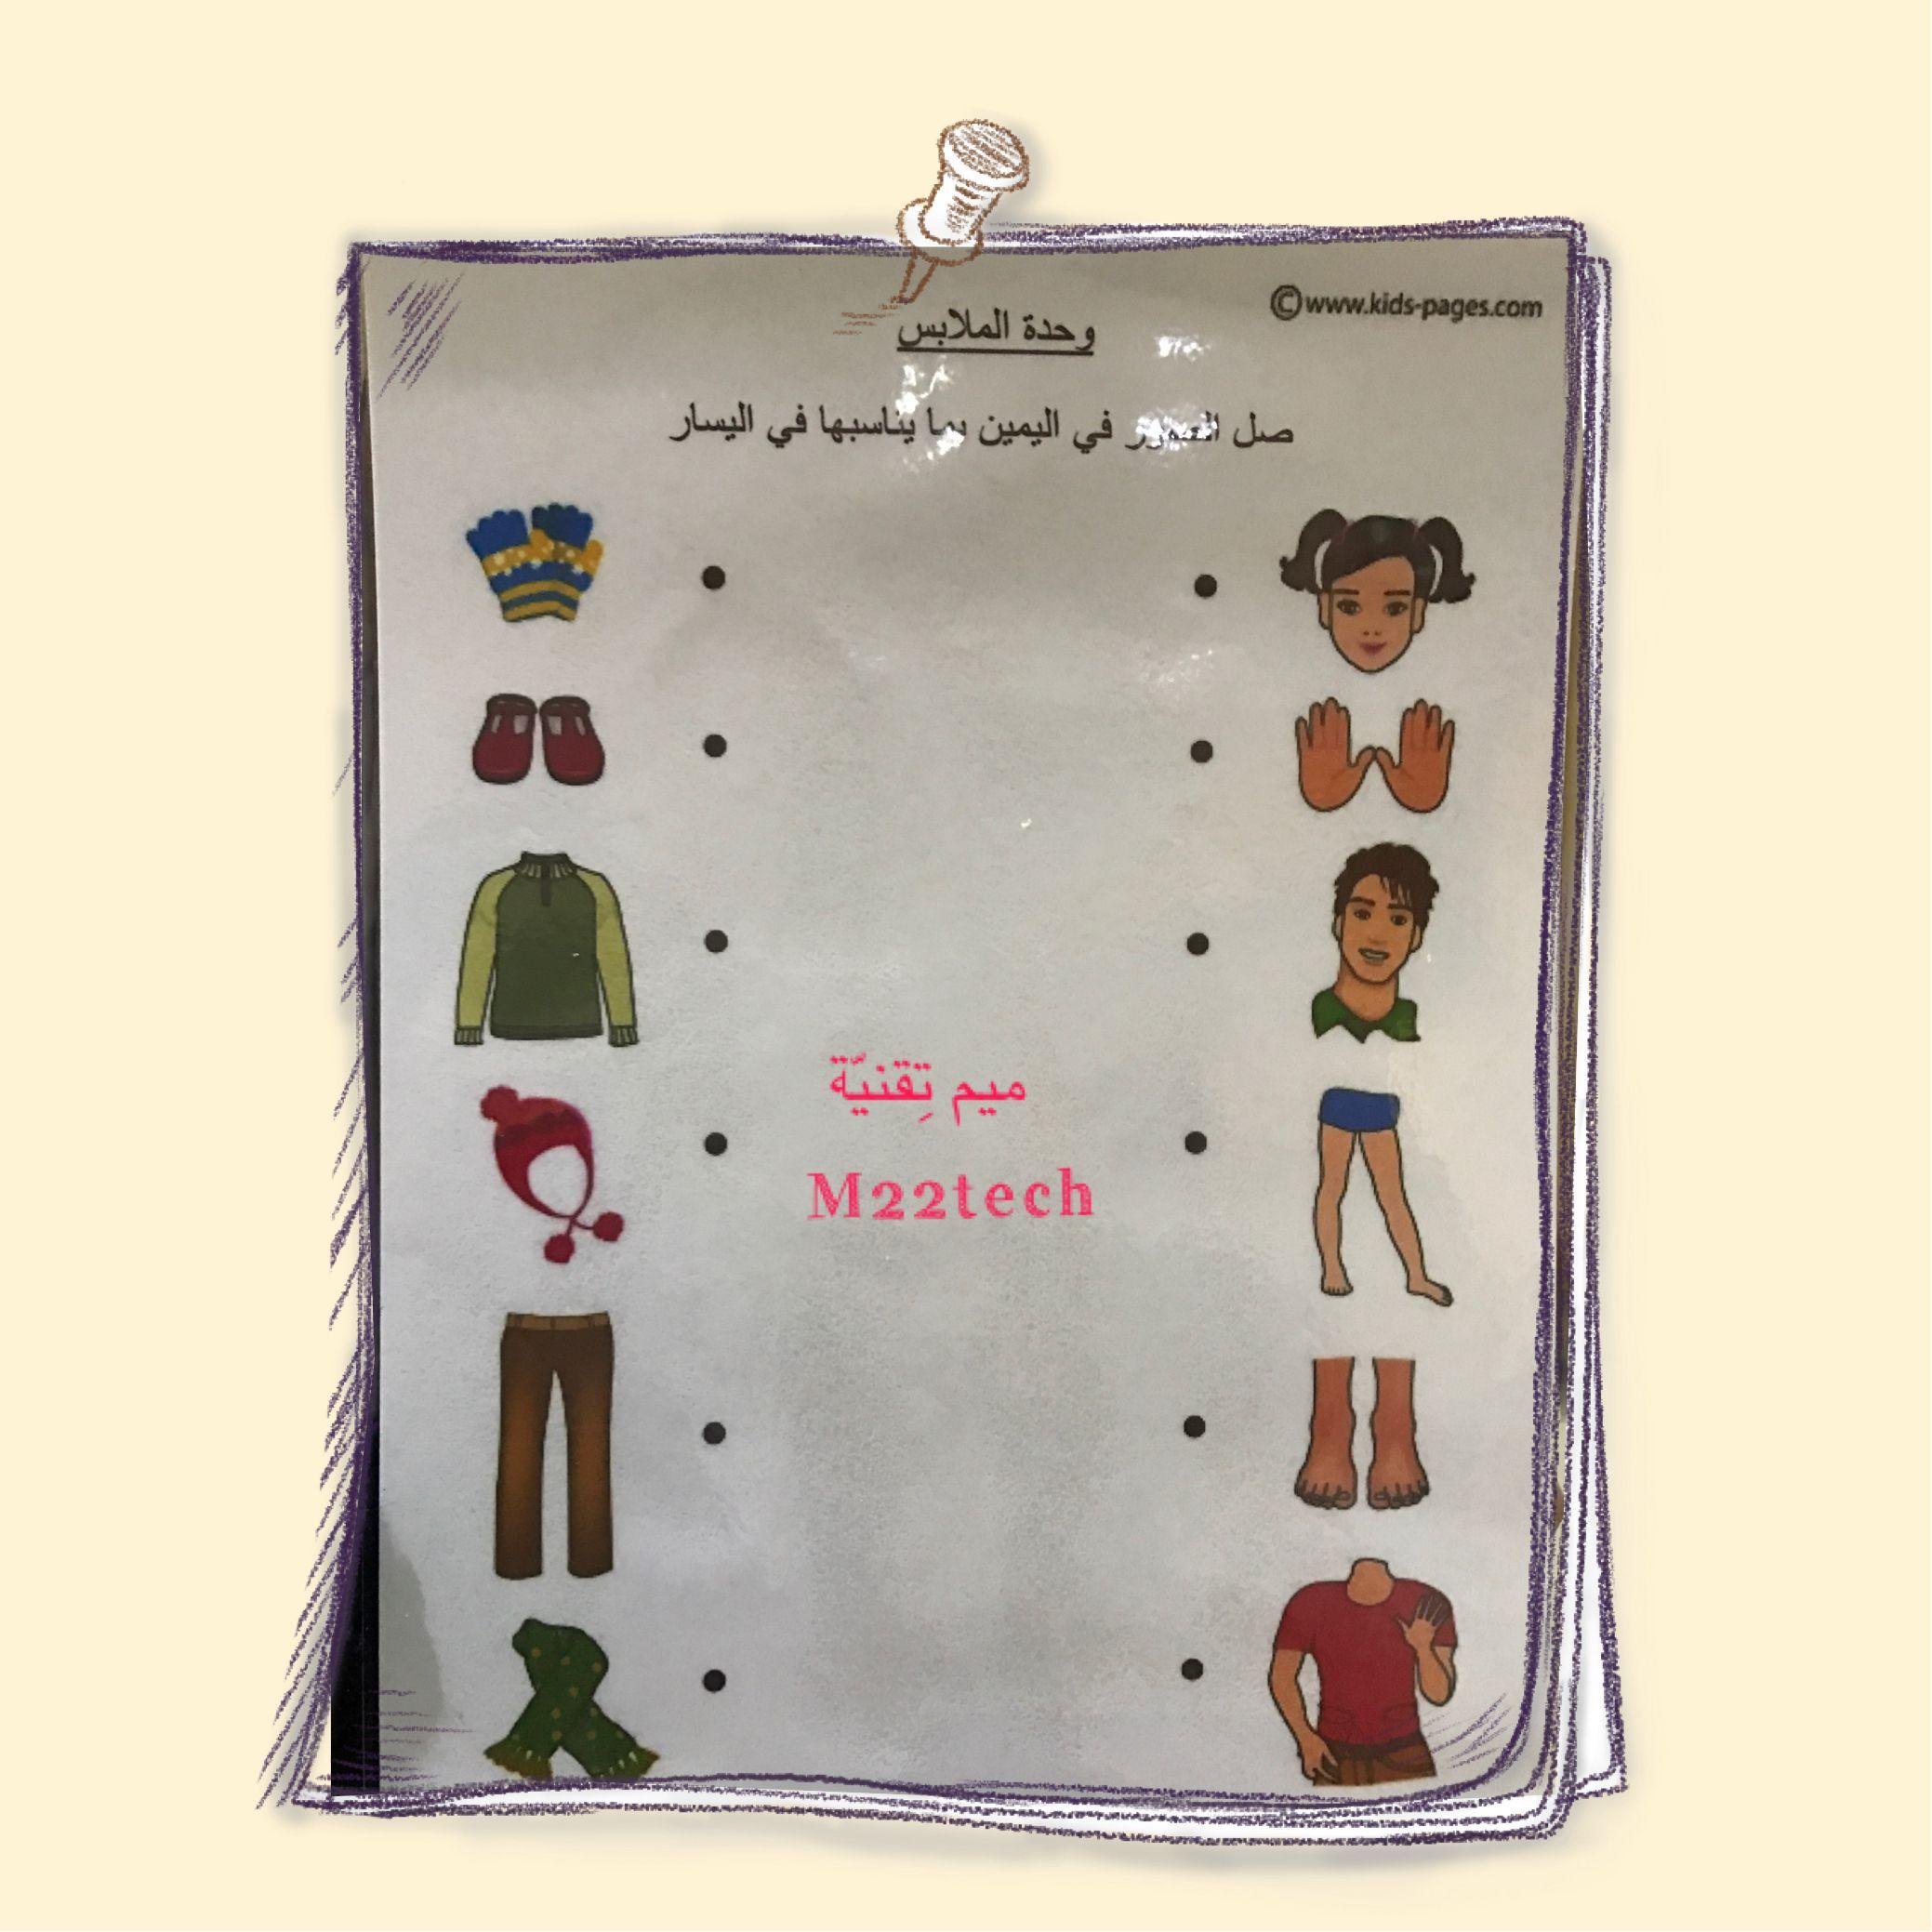 ورقة عمل تم تنفيذها في وحدة الملابس لمرحلة رياض الأطفال وللحصول على النموذج على الرابط التالي Https Www Pinterest Com Pin 449163762828036146 Luggage Suitcase